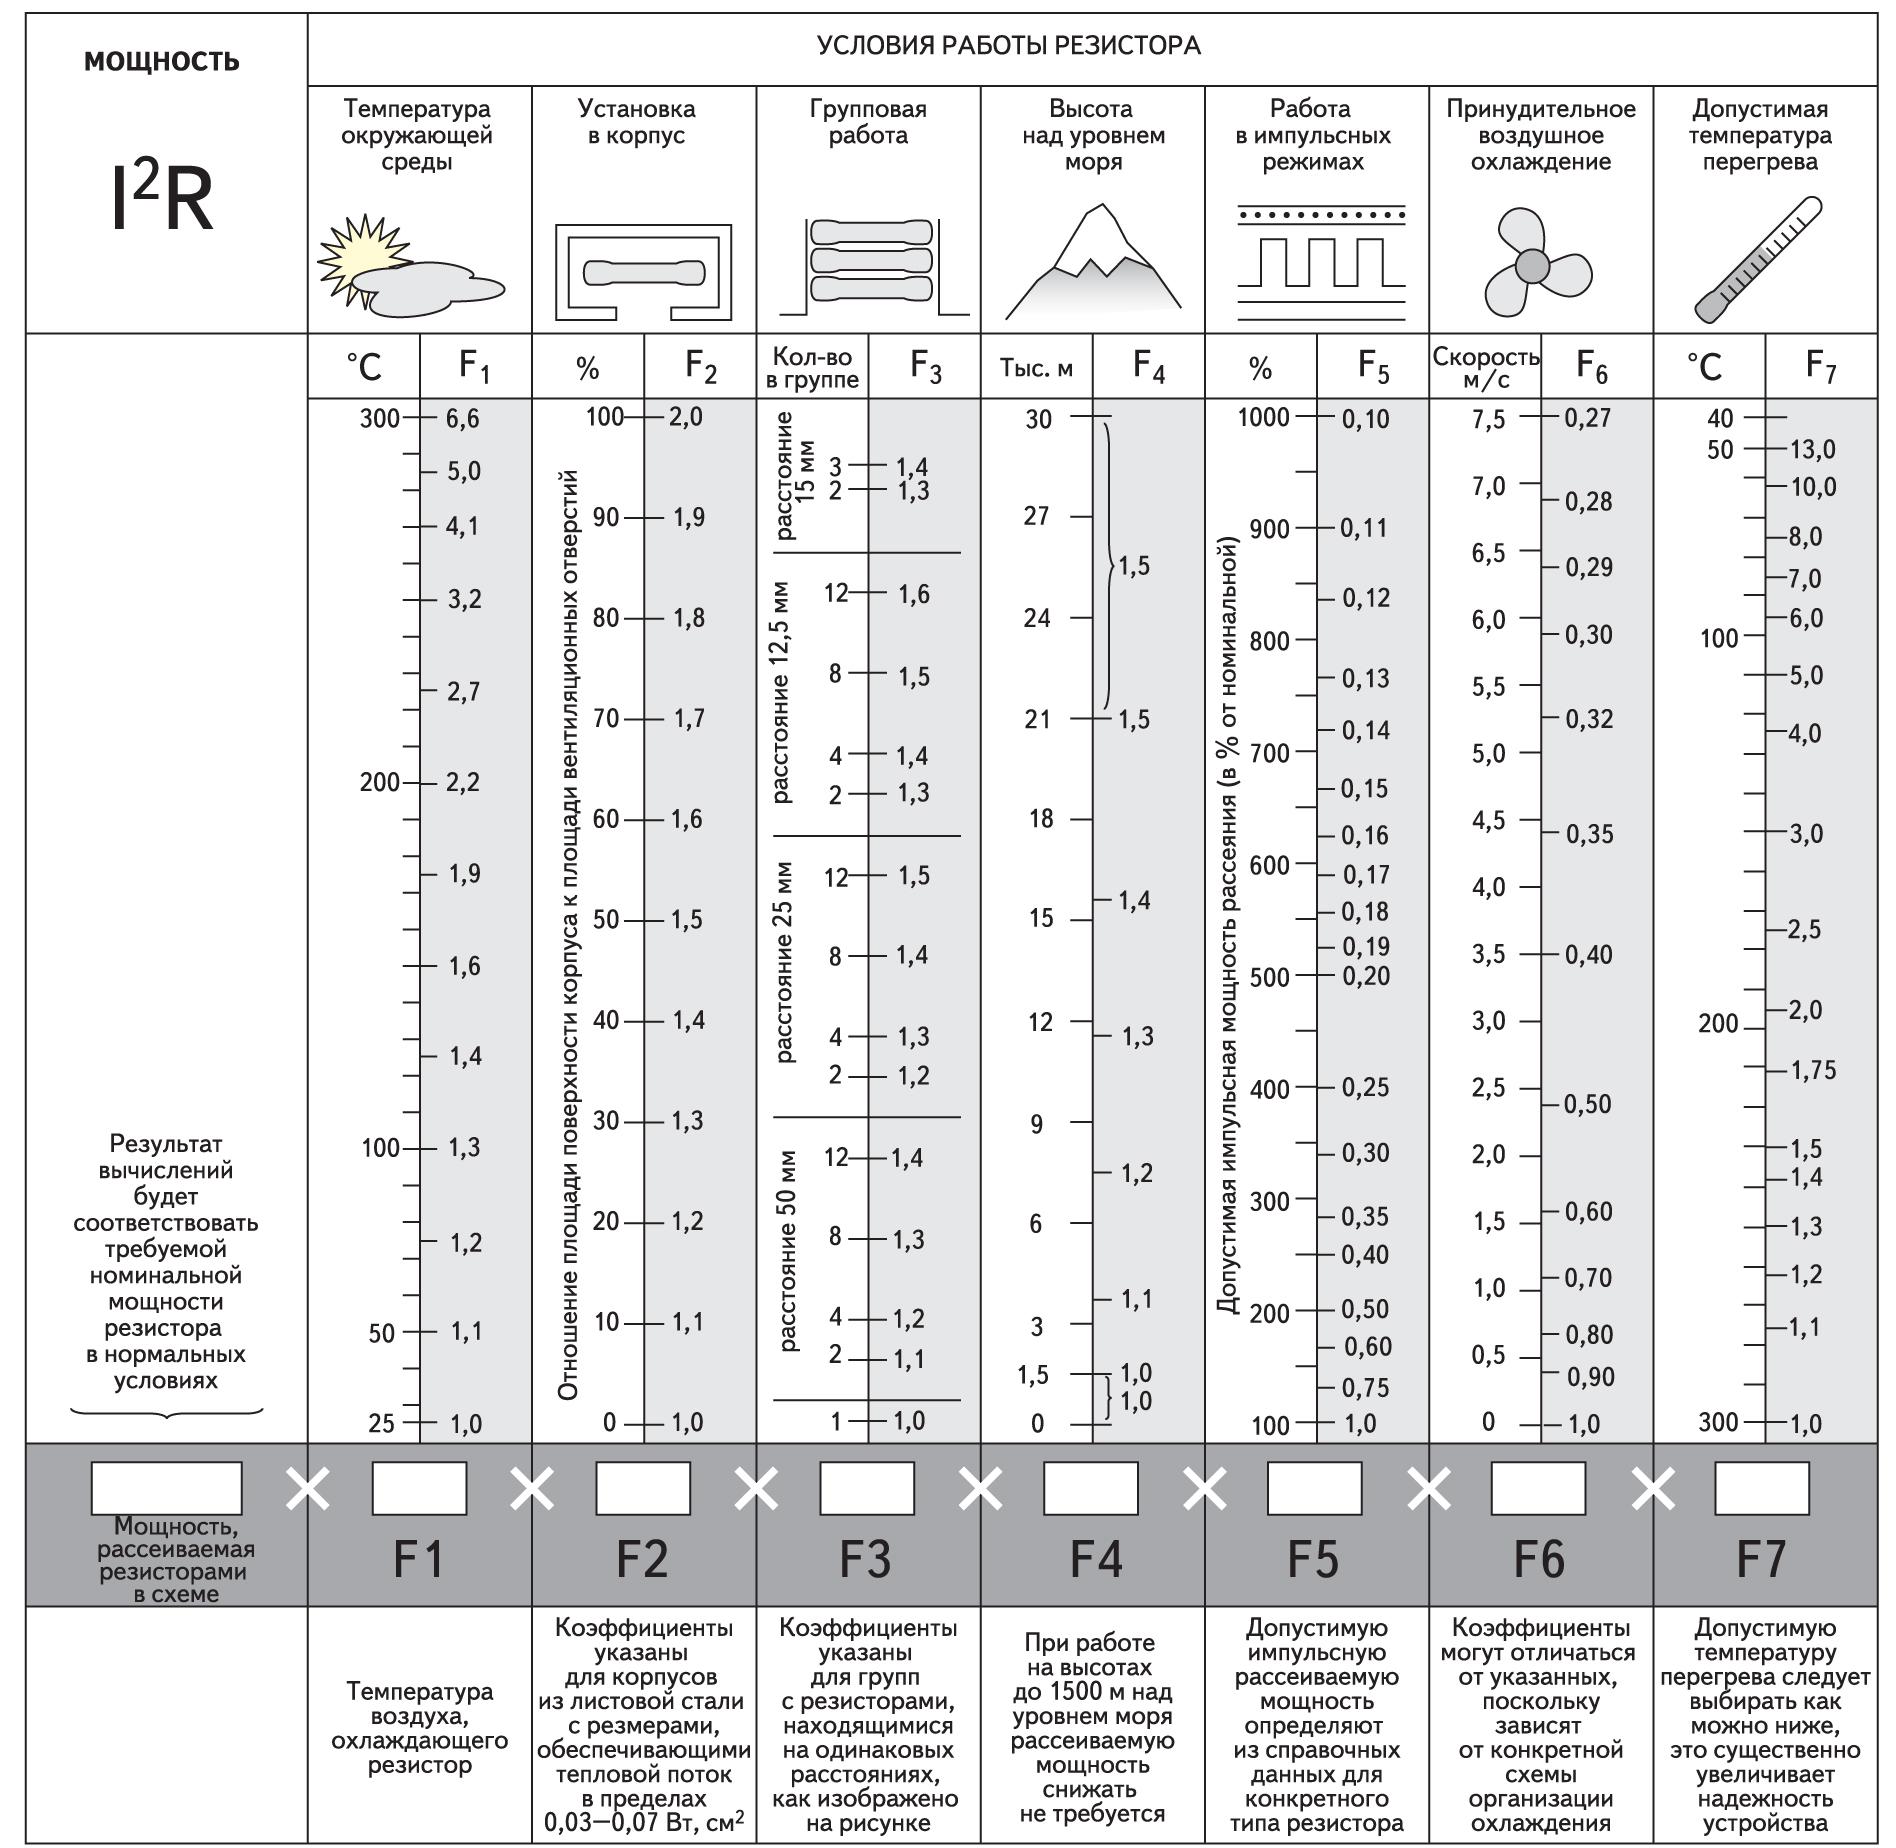 Таблица для определения требуемой номинальной мощности резистора